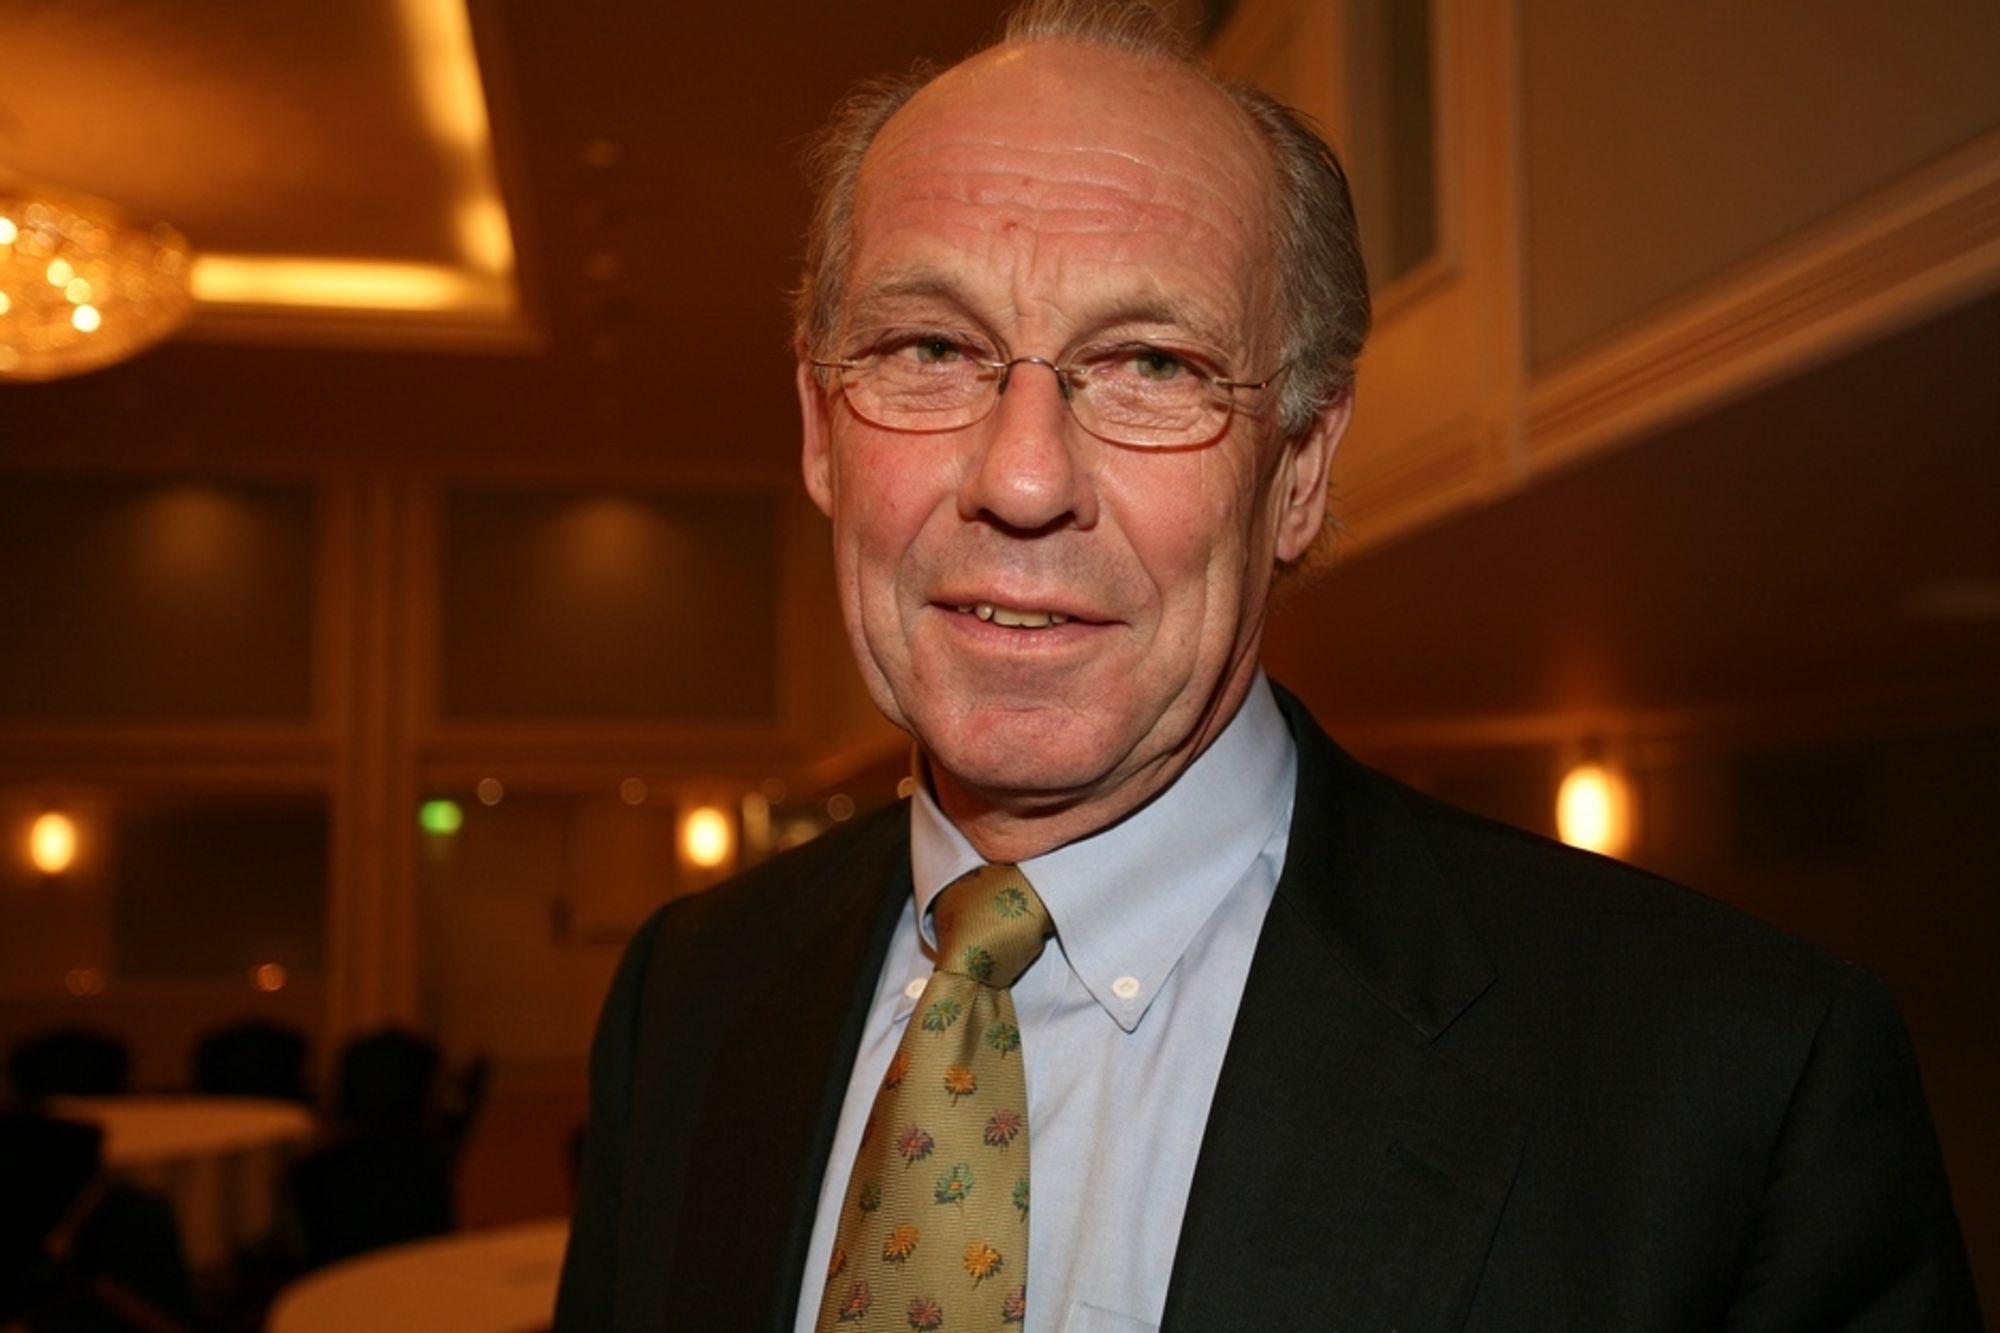 OPPFORDRER: Lavutslipputvalgets leder, Jørgen Randers, sier det er viktig at byggenæringen deltar for å bli kvitt klimautfordringene.